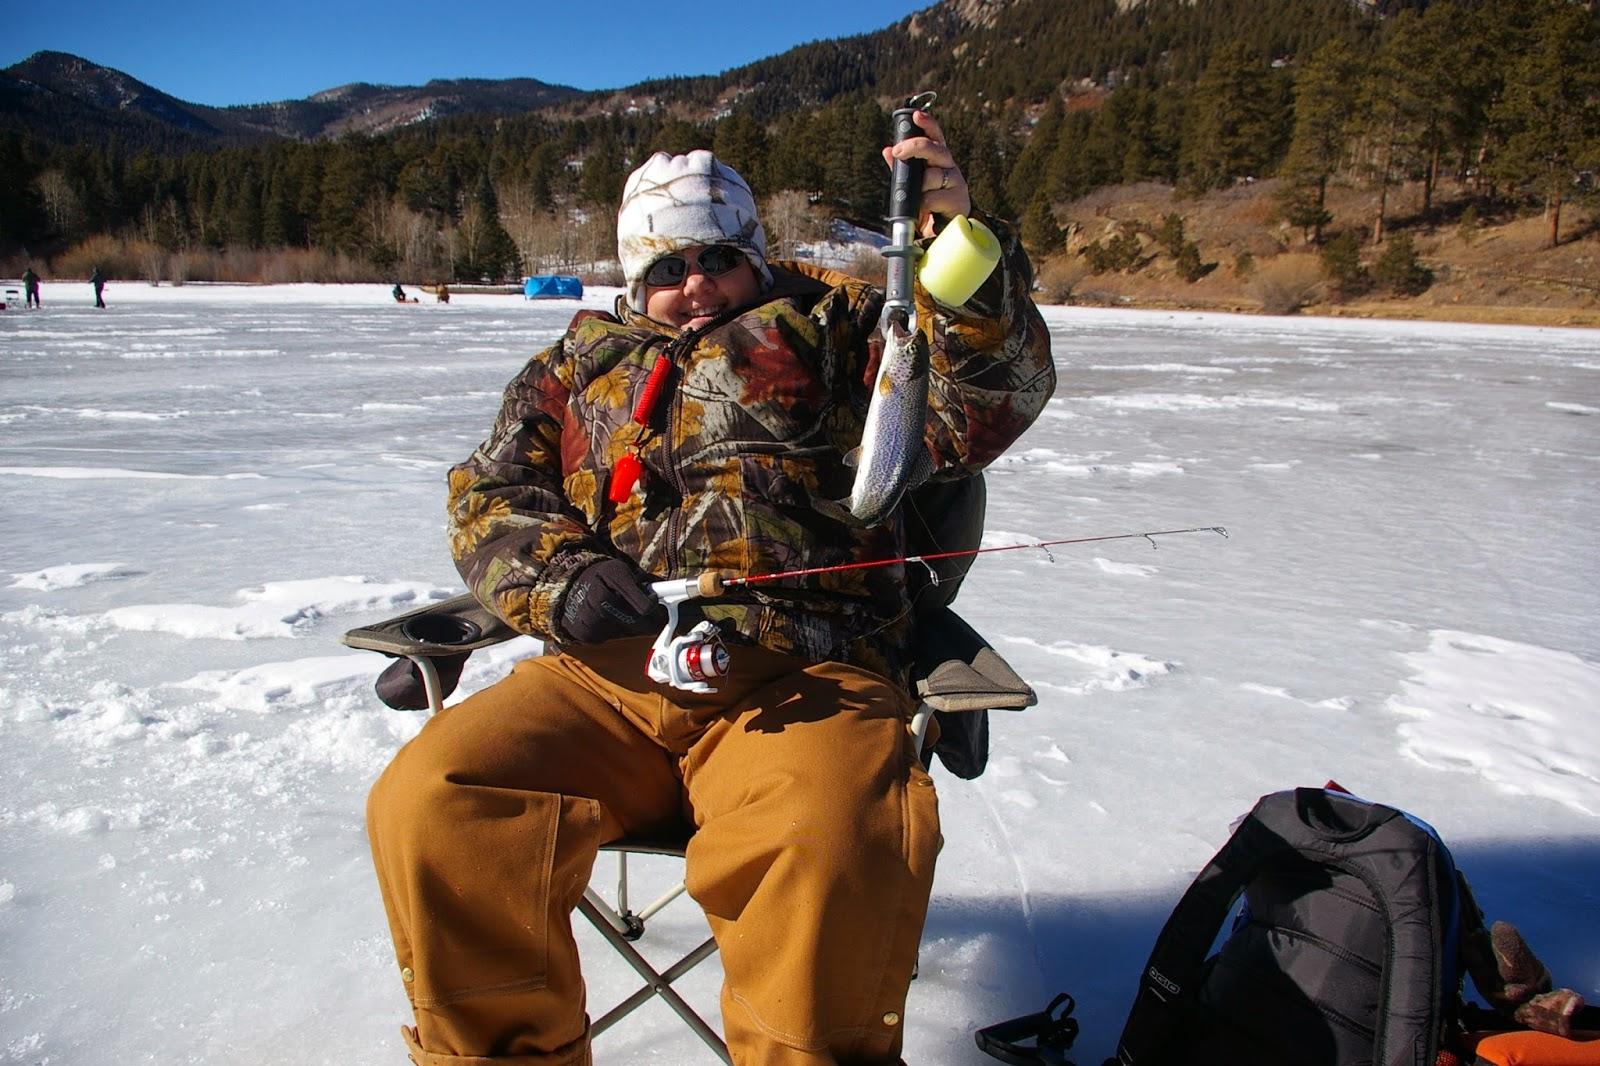 Ice fishing girls - photo#17